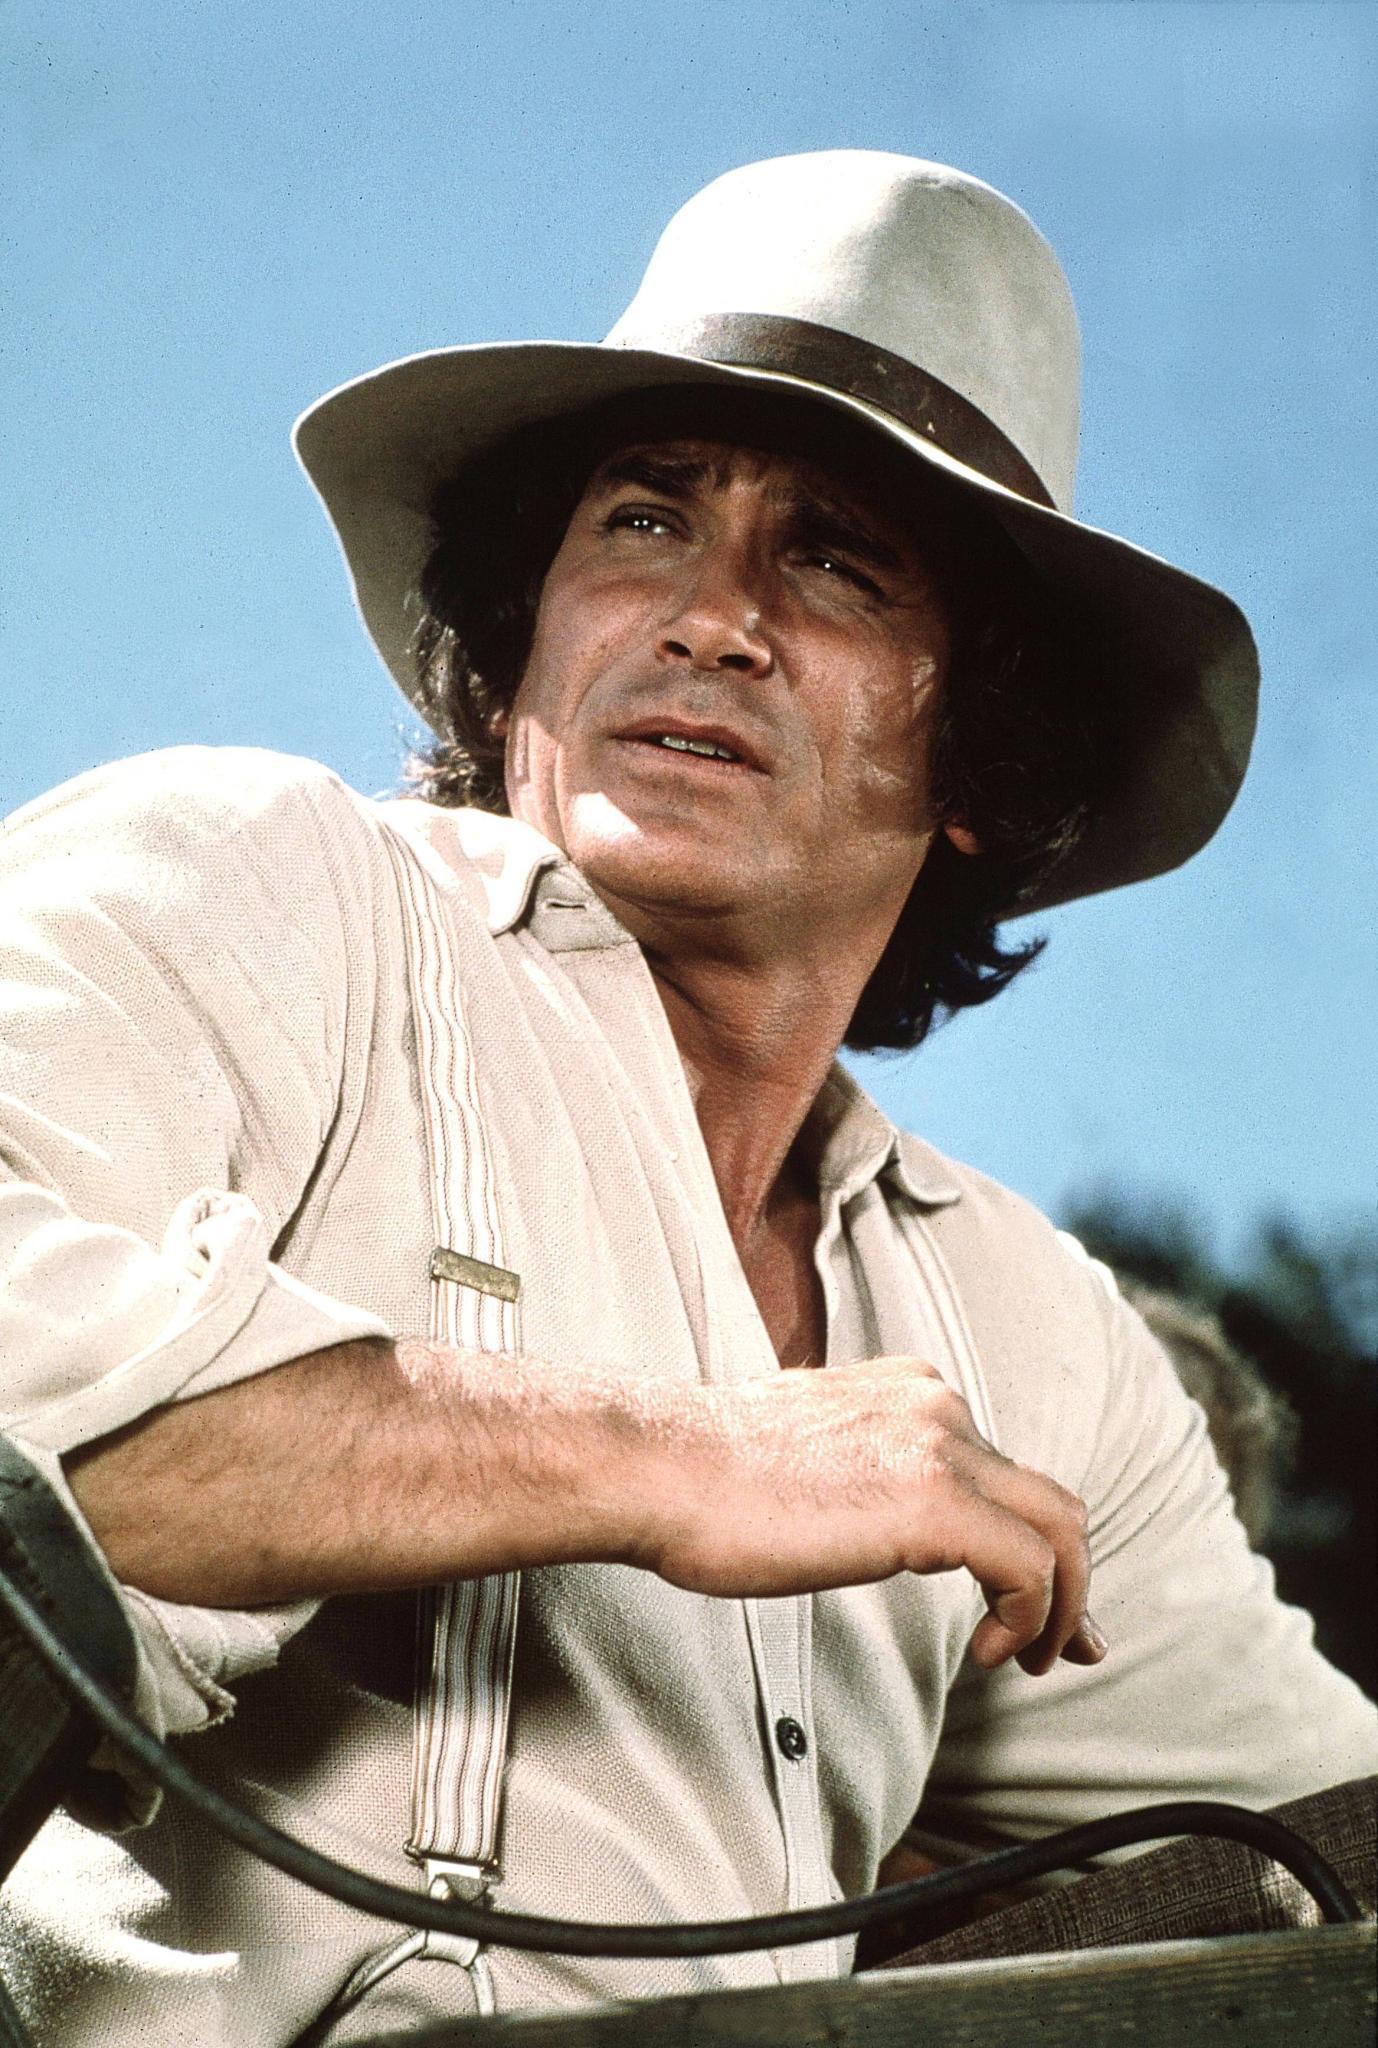 """""""Pa"""" Charles Ingalls war ein hart arbeitender Mann und seinen Töchtern ein guter Vater - die beliebteste Vaterfigur Amerikas. Der Schauspieler Michael Landon schrieb, produzierte und drehte Episoden von """"Unsere kleine Farm"""". 1991 starb er im Alter von nur 54 Jahren an Krebs."""